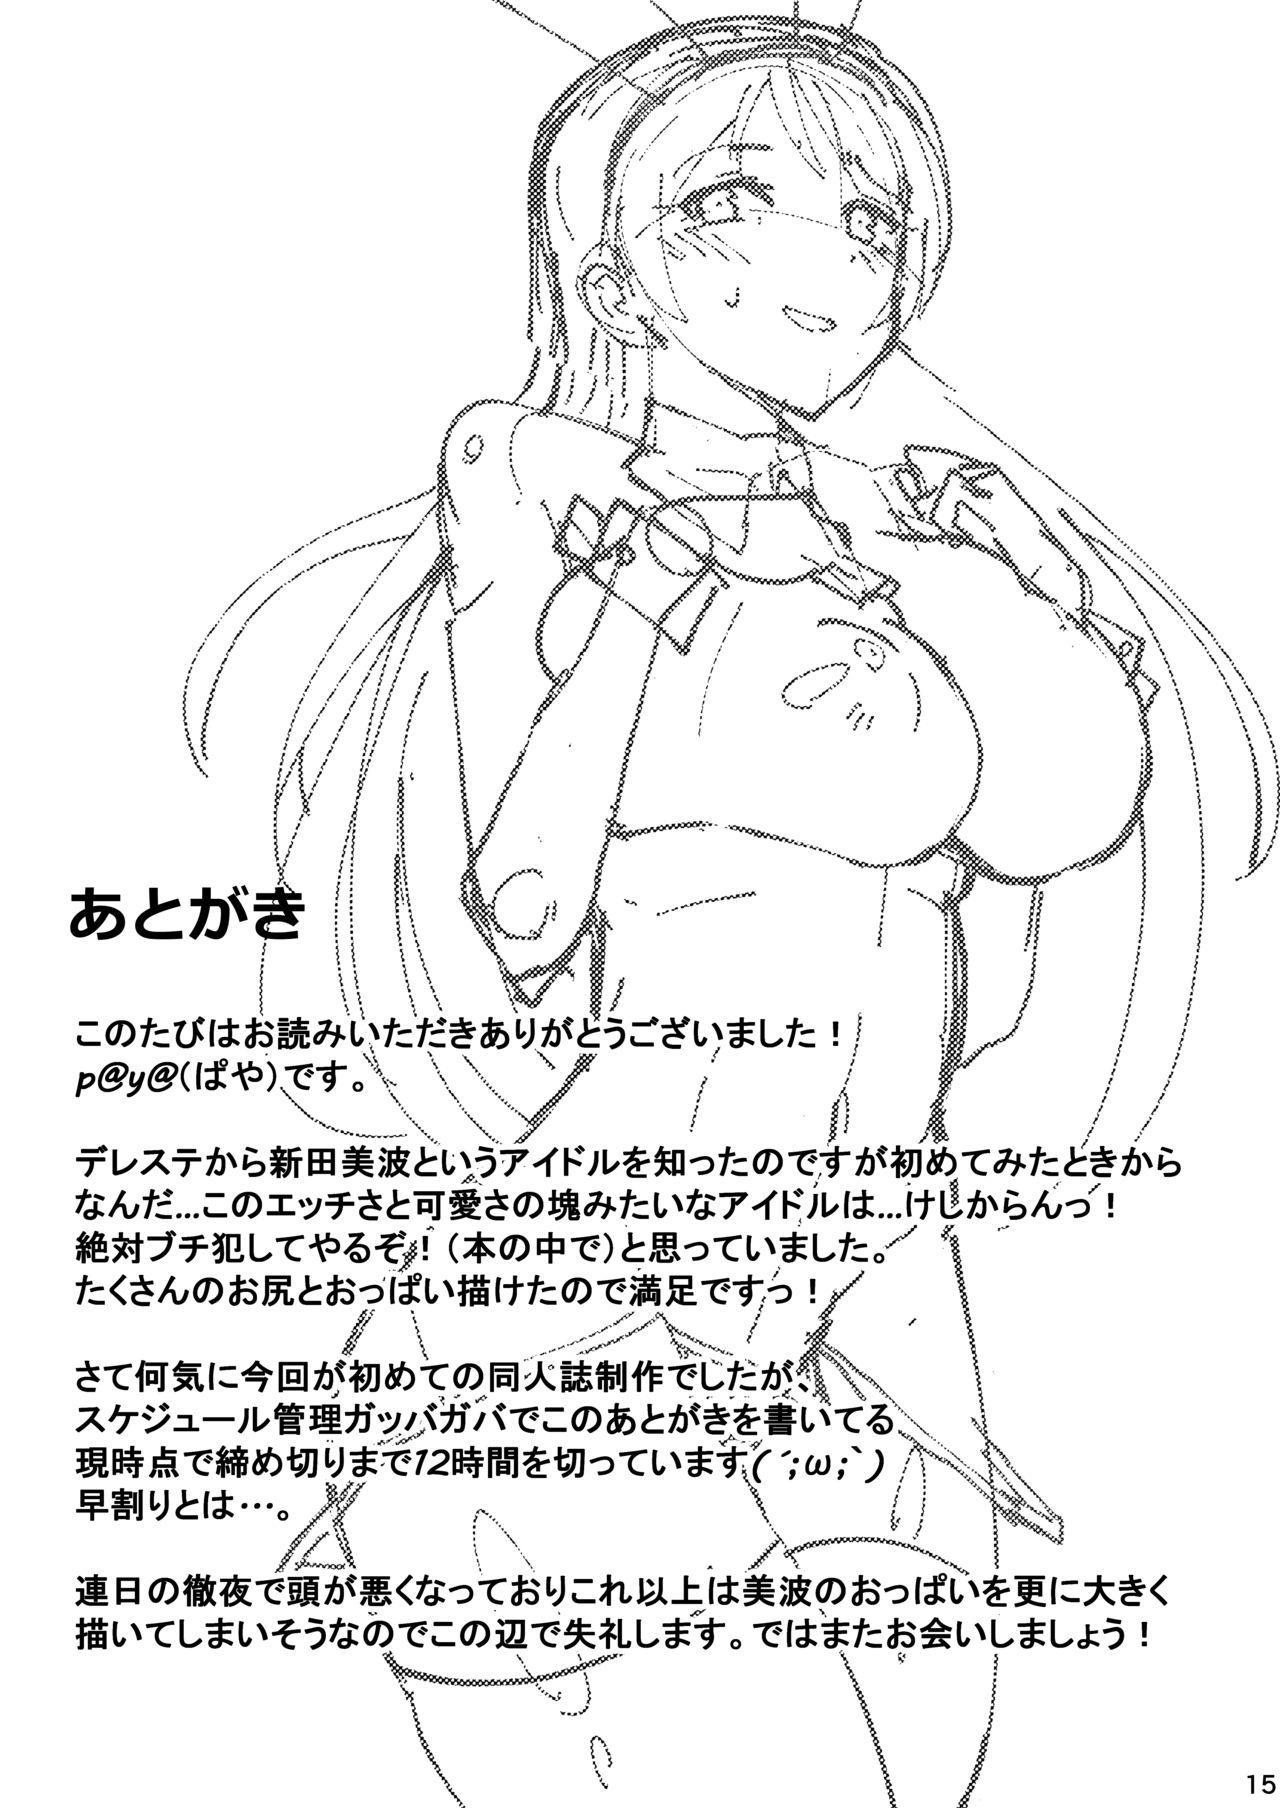 Minami! Eroge Tsukurukara Ippatsu Yarasete Kure! 15